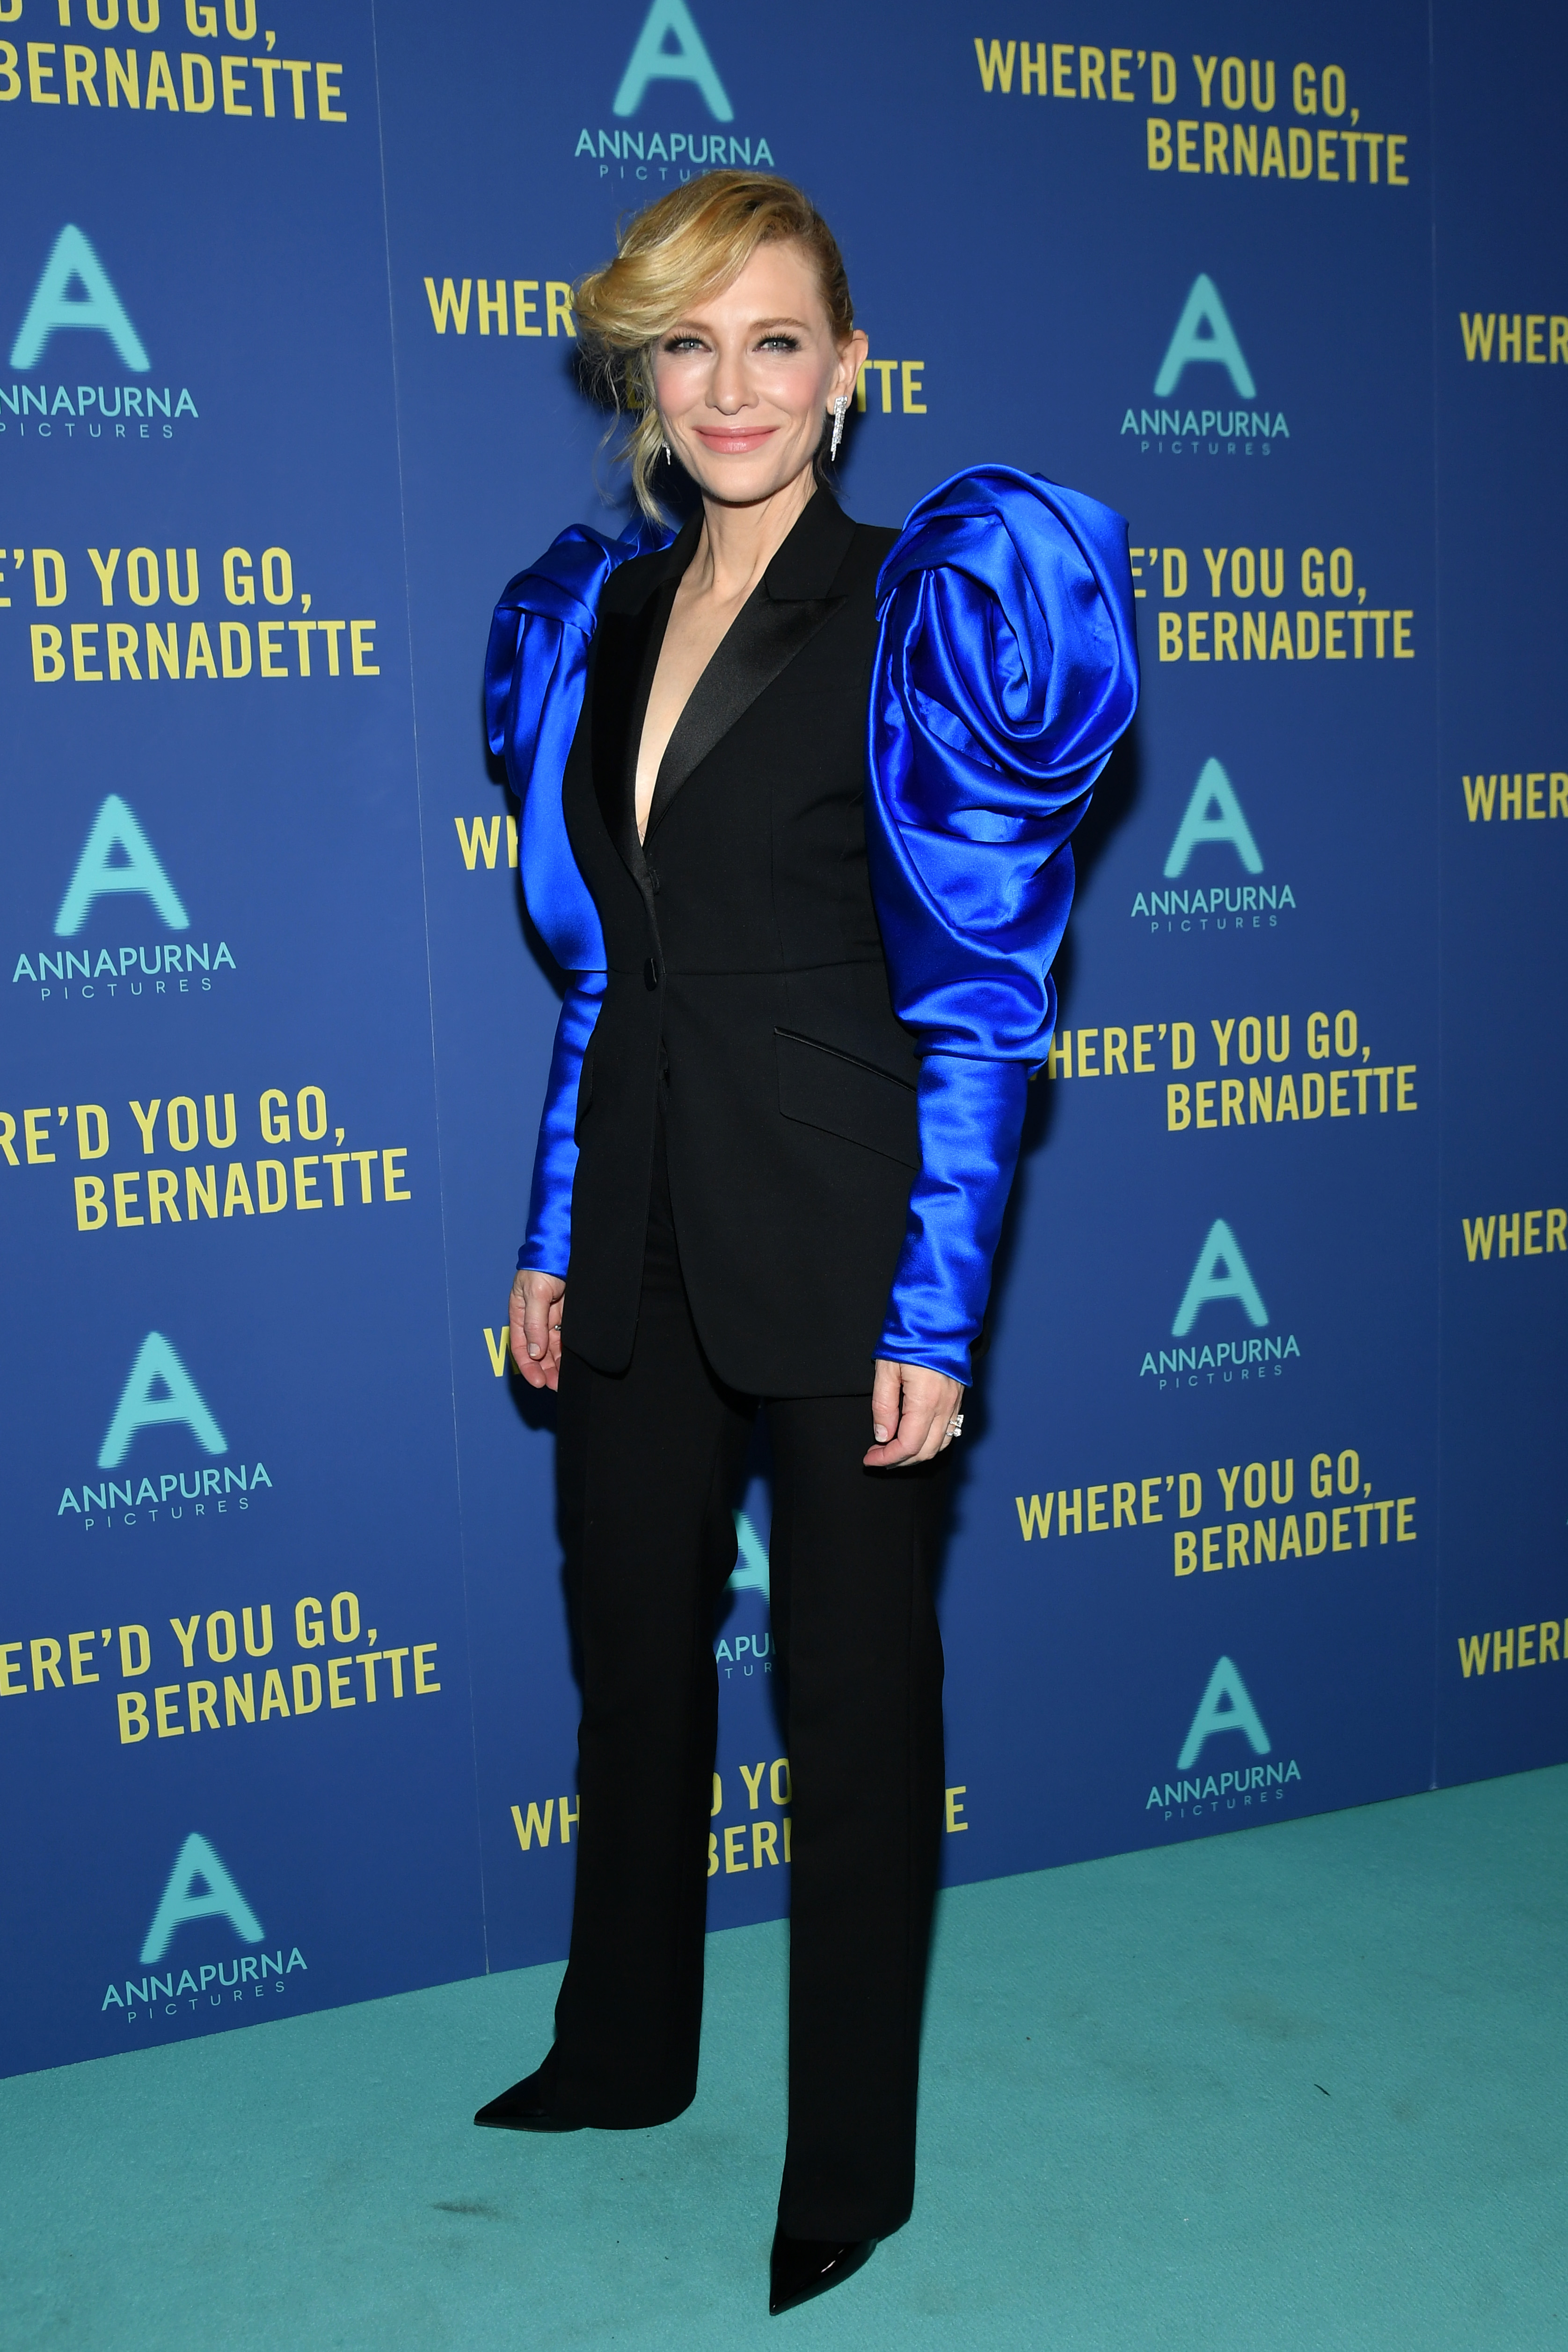 Cate Blanchett, looks